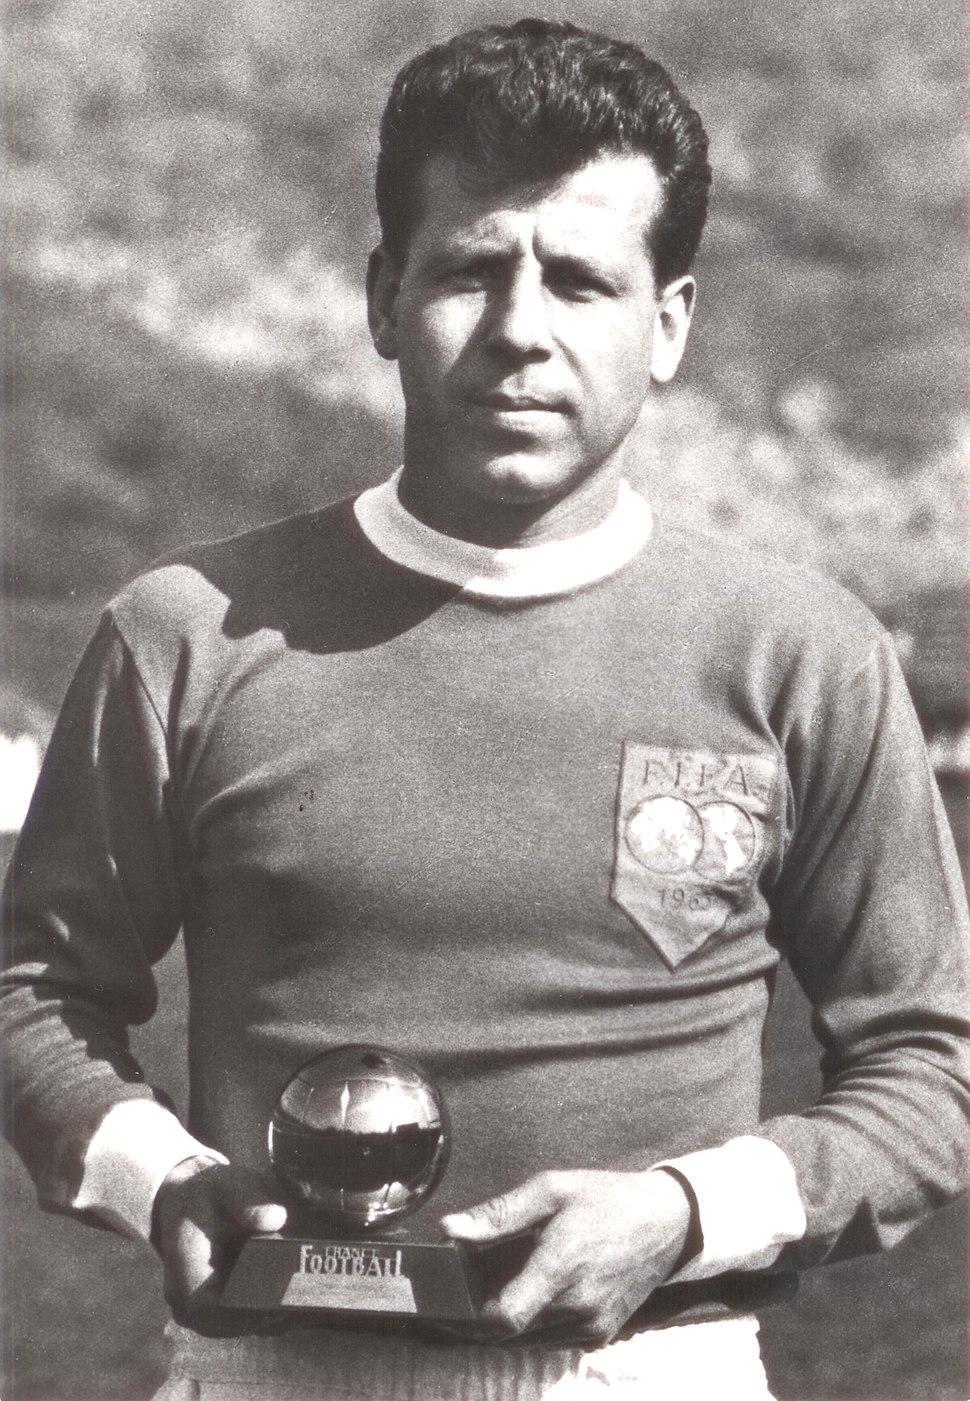 Josef Masopust official photo